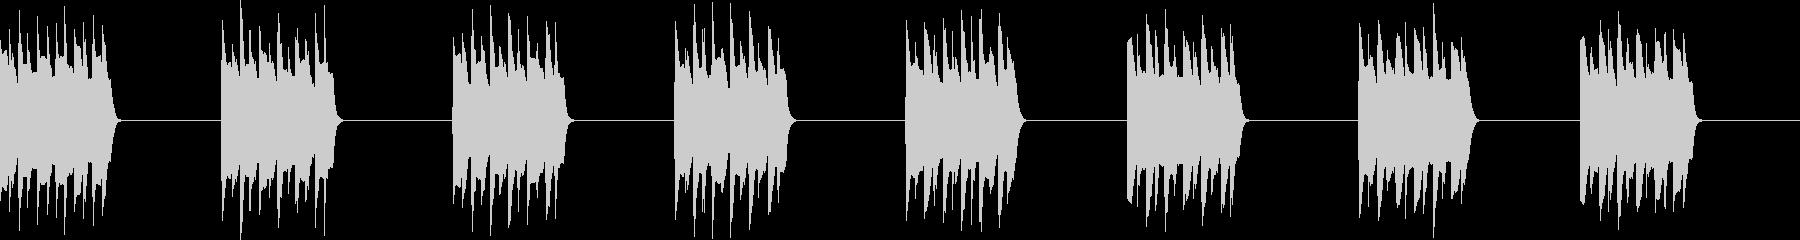 プルプル..。電話の着信音D(低・長)の未再生の波形